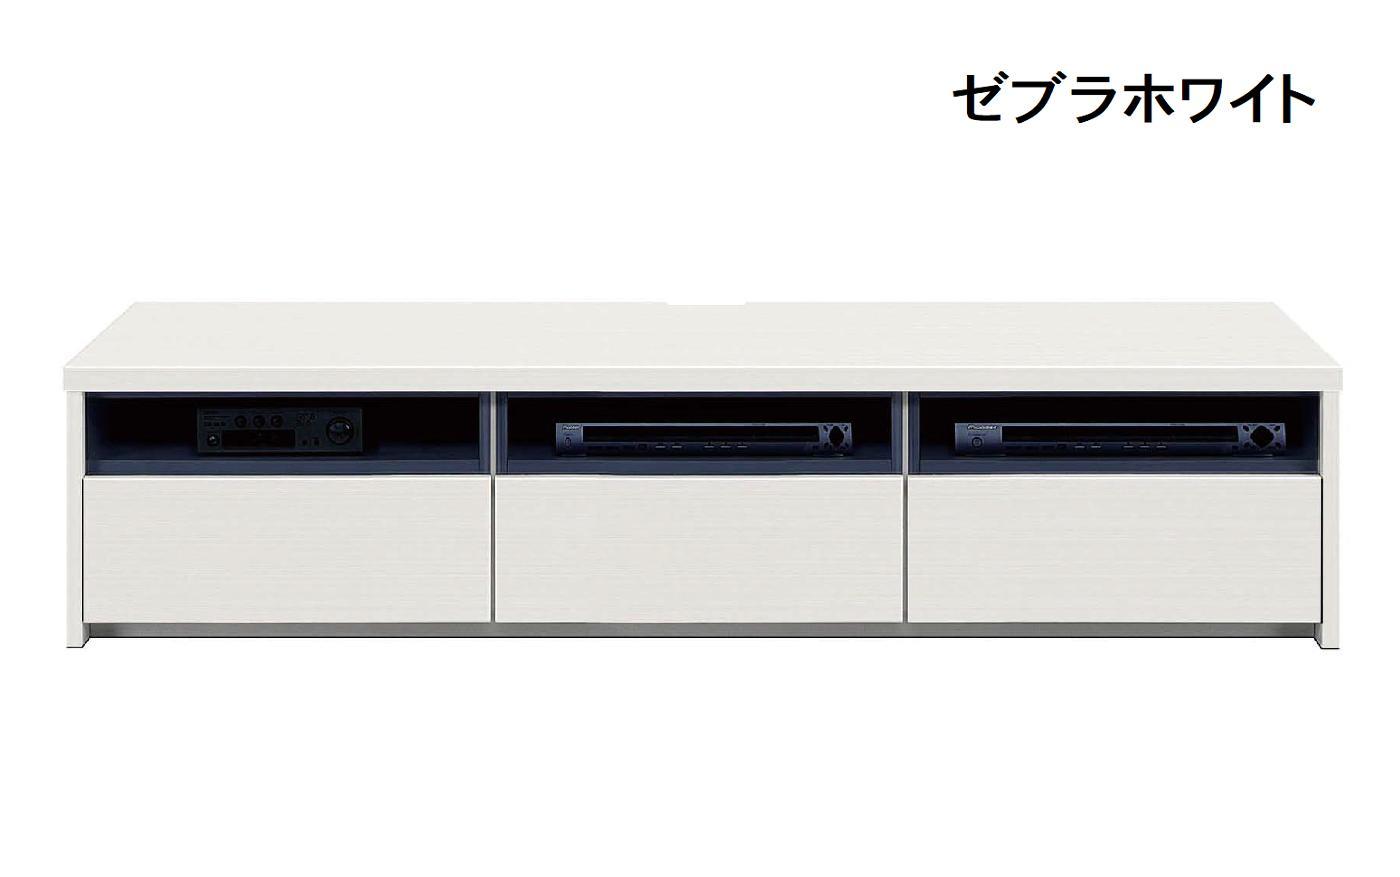 【送料無料】160 TVボード 完成品 ベデーレ ホワイト ゼブラブラック ゼブラホワイト テレビ台 テレビボード 北欧 収納 42型 37型 46型 52型   家具 通販 日本製【国産家具】